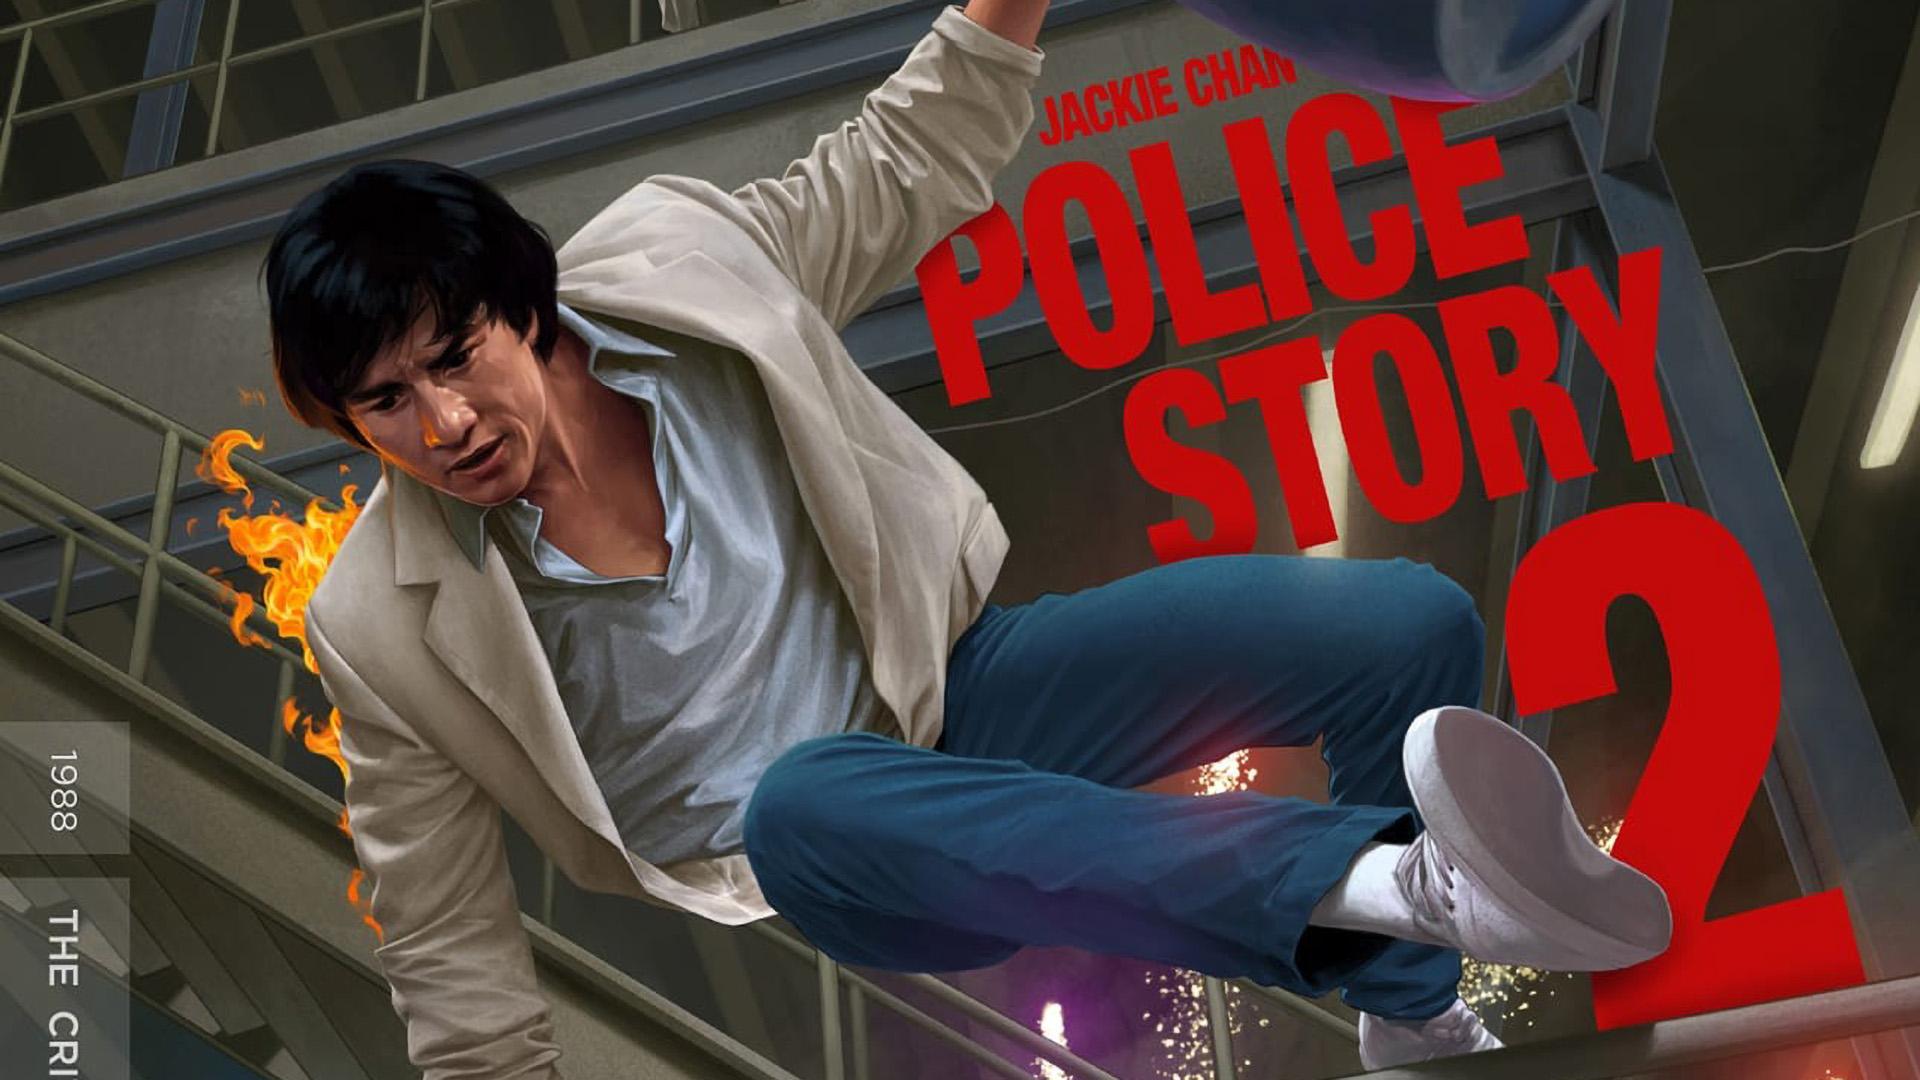 police-story-2.jpg